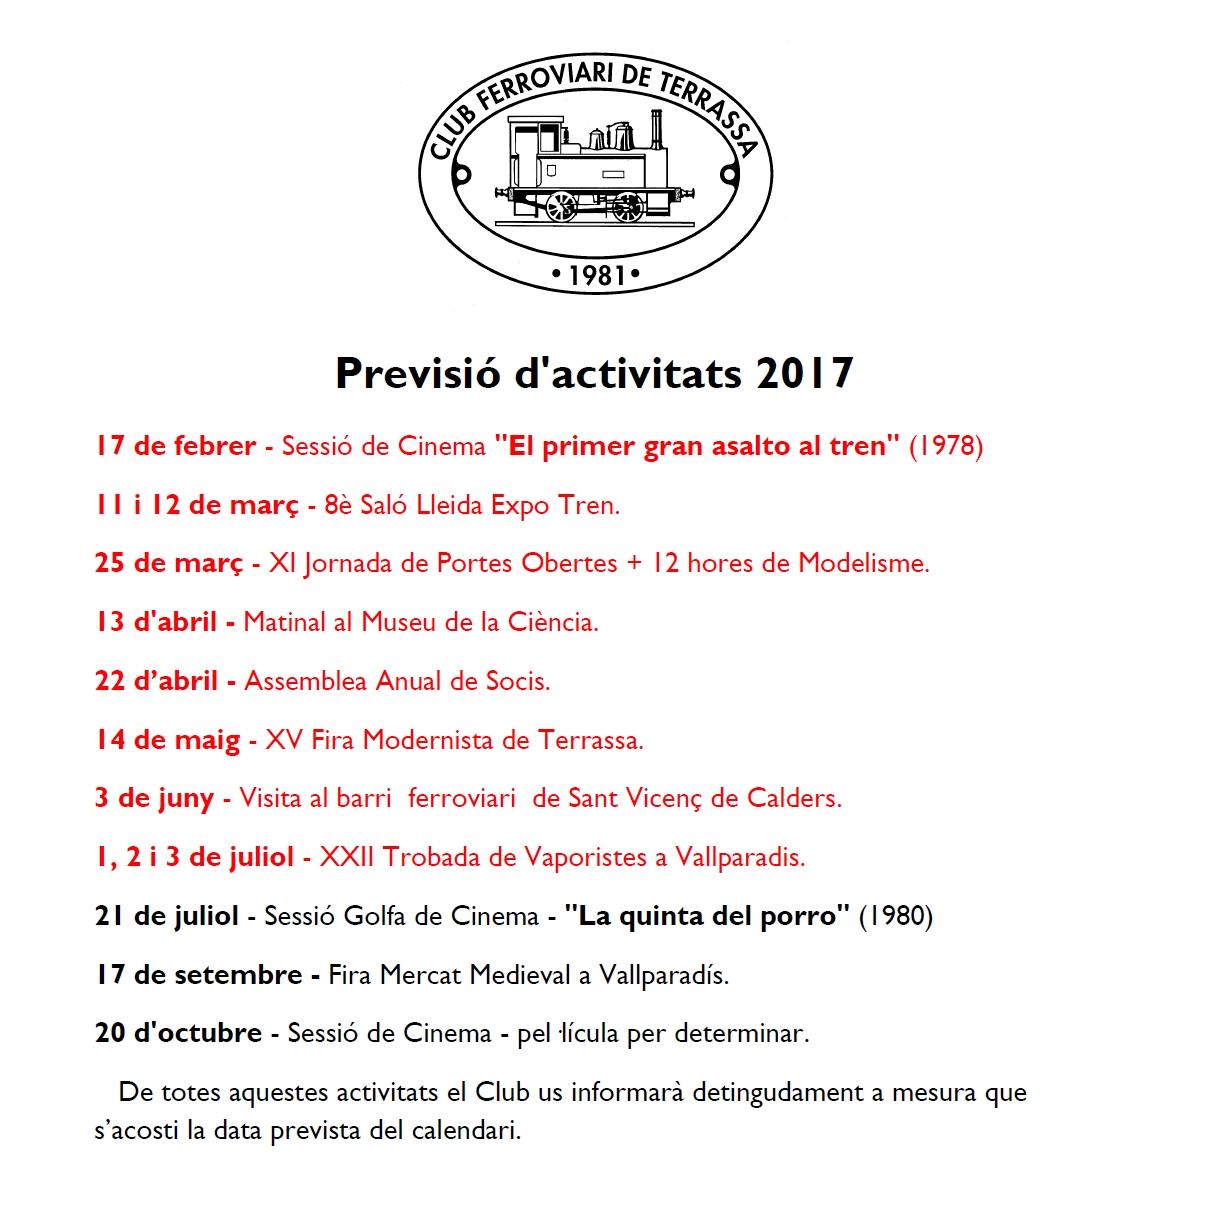 Actualització de la Previsió d'Activitats del Club Ferroviari de Terrassa. 7-JUNY-2017